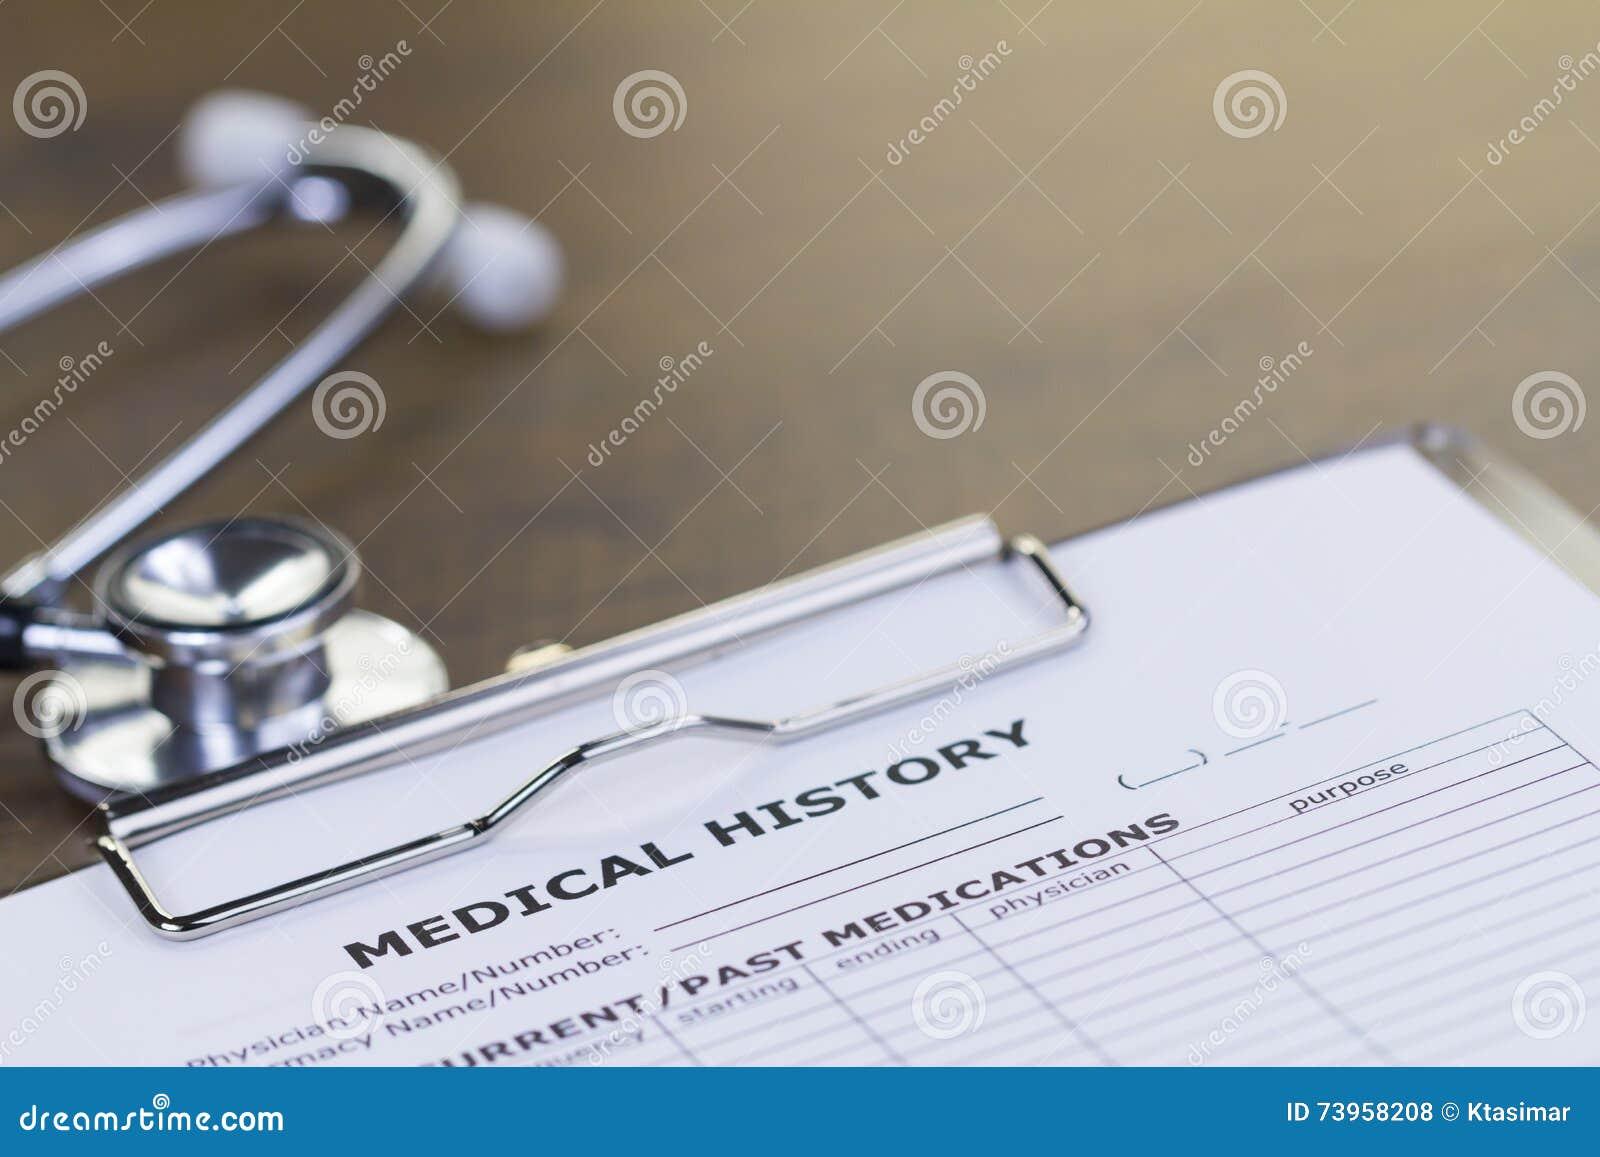 Stetoskop och rapport för medicinsk historia